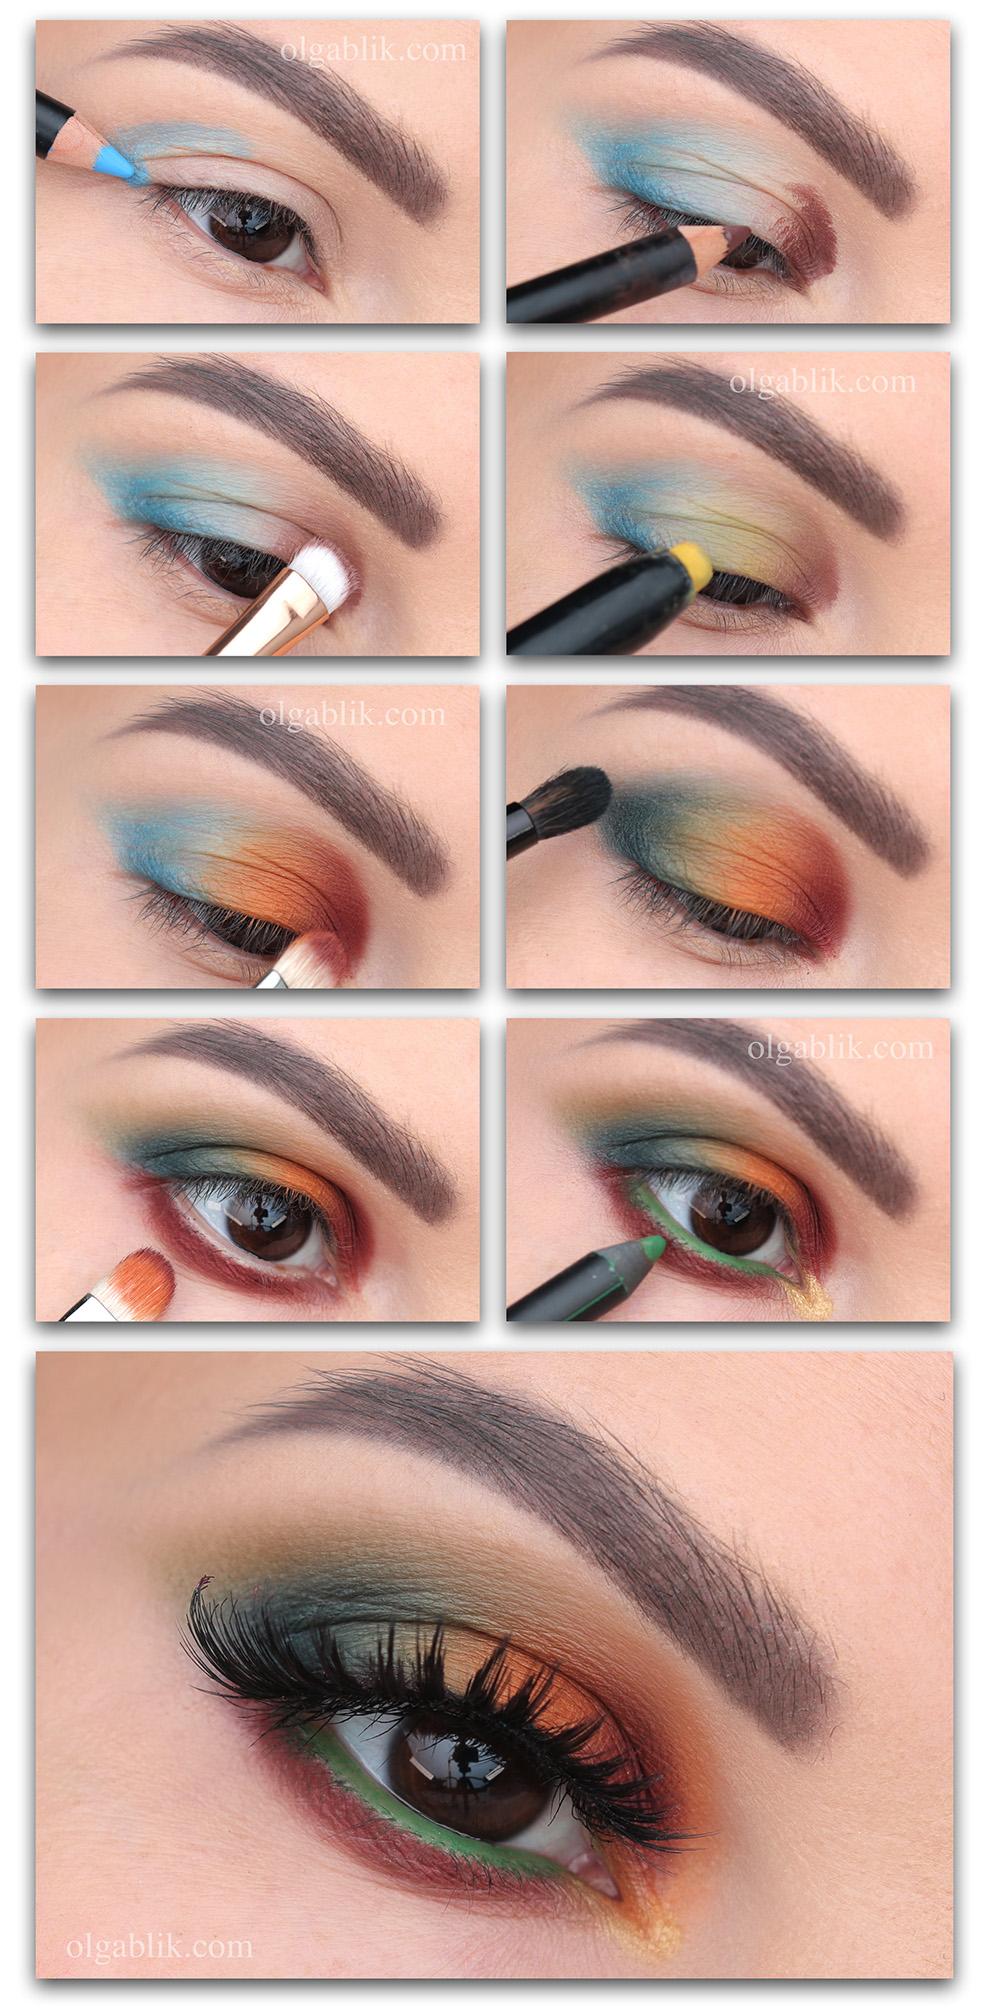 Макияж глаз карандашом - пошаговый фото-урок